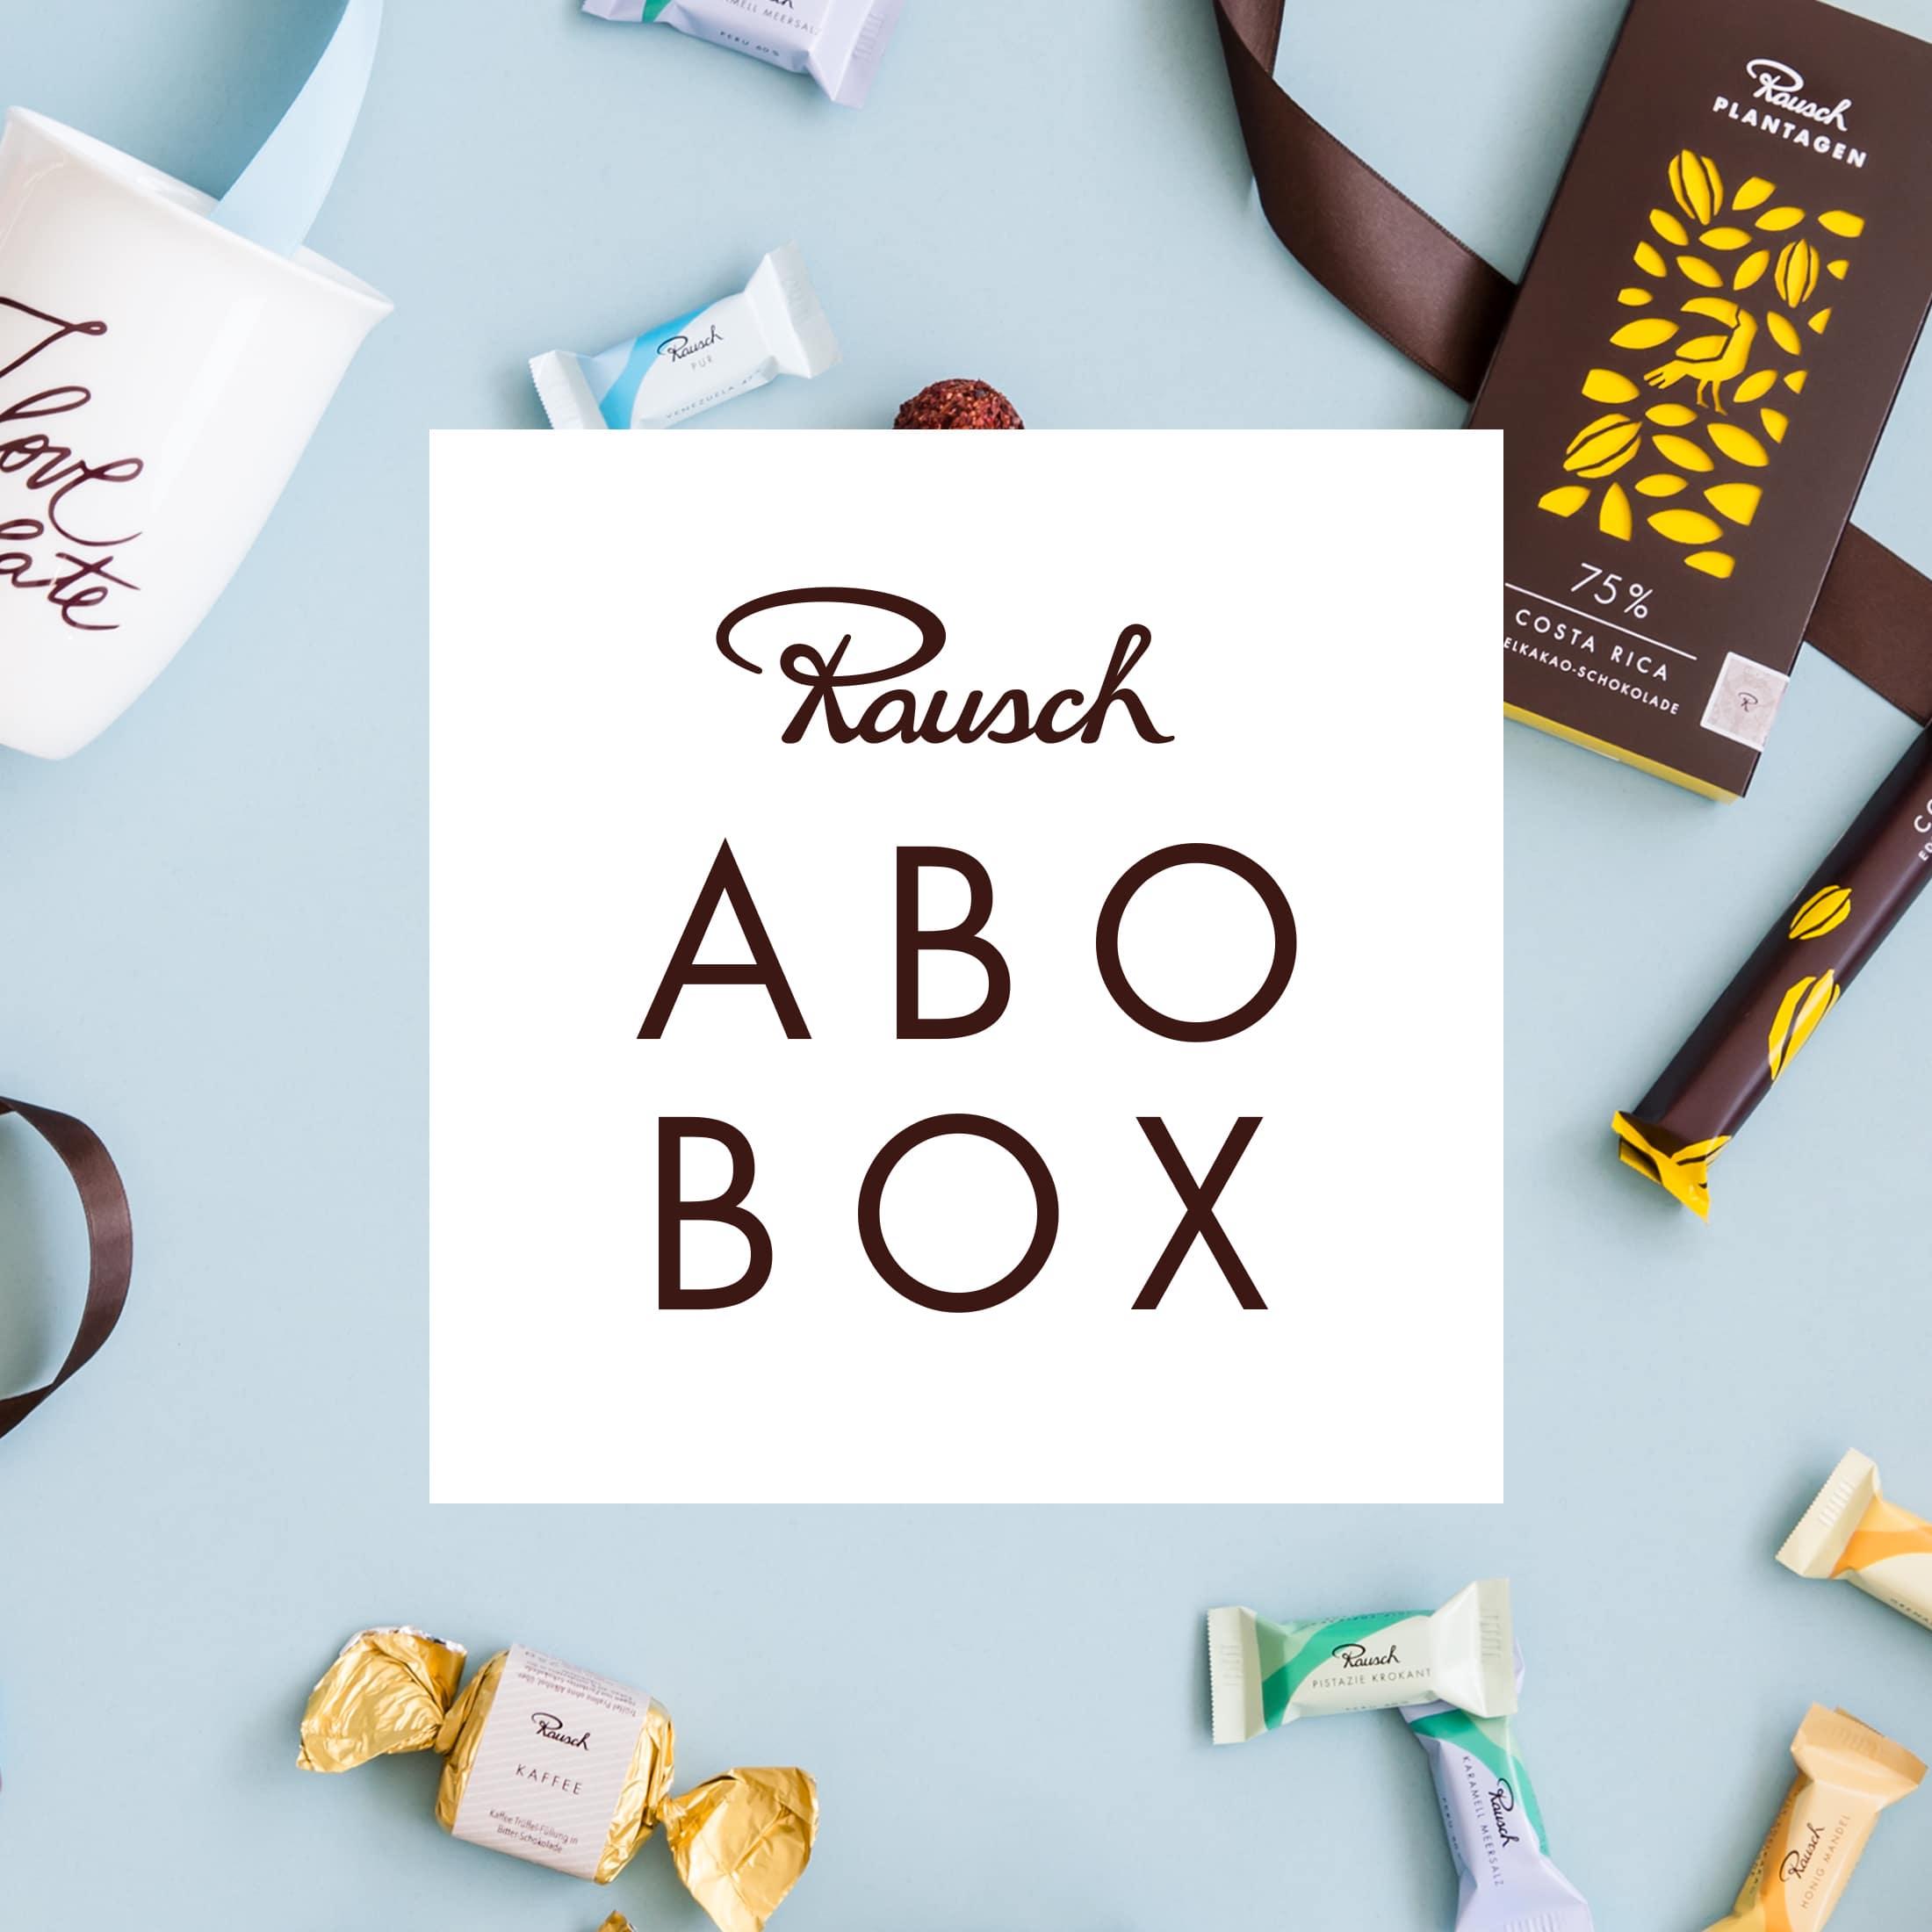 https://www.rausch.de/media/image/8d/7a/c0/AboBox_produkt.jpg